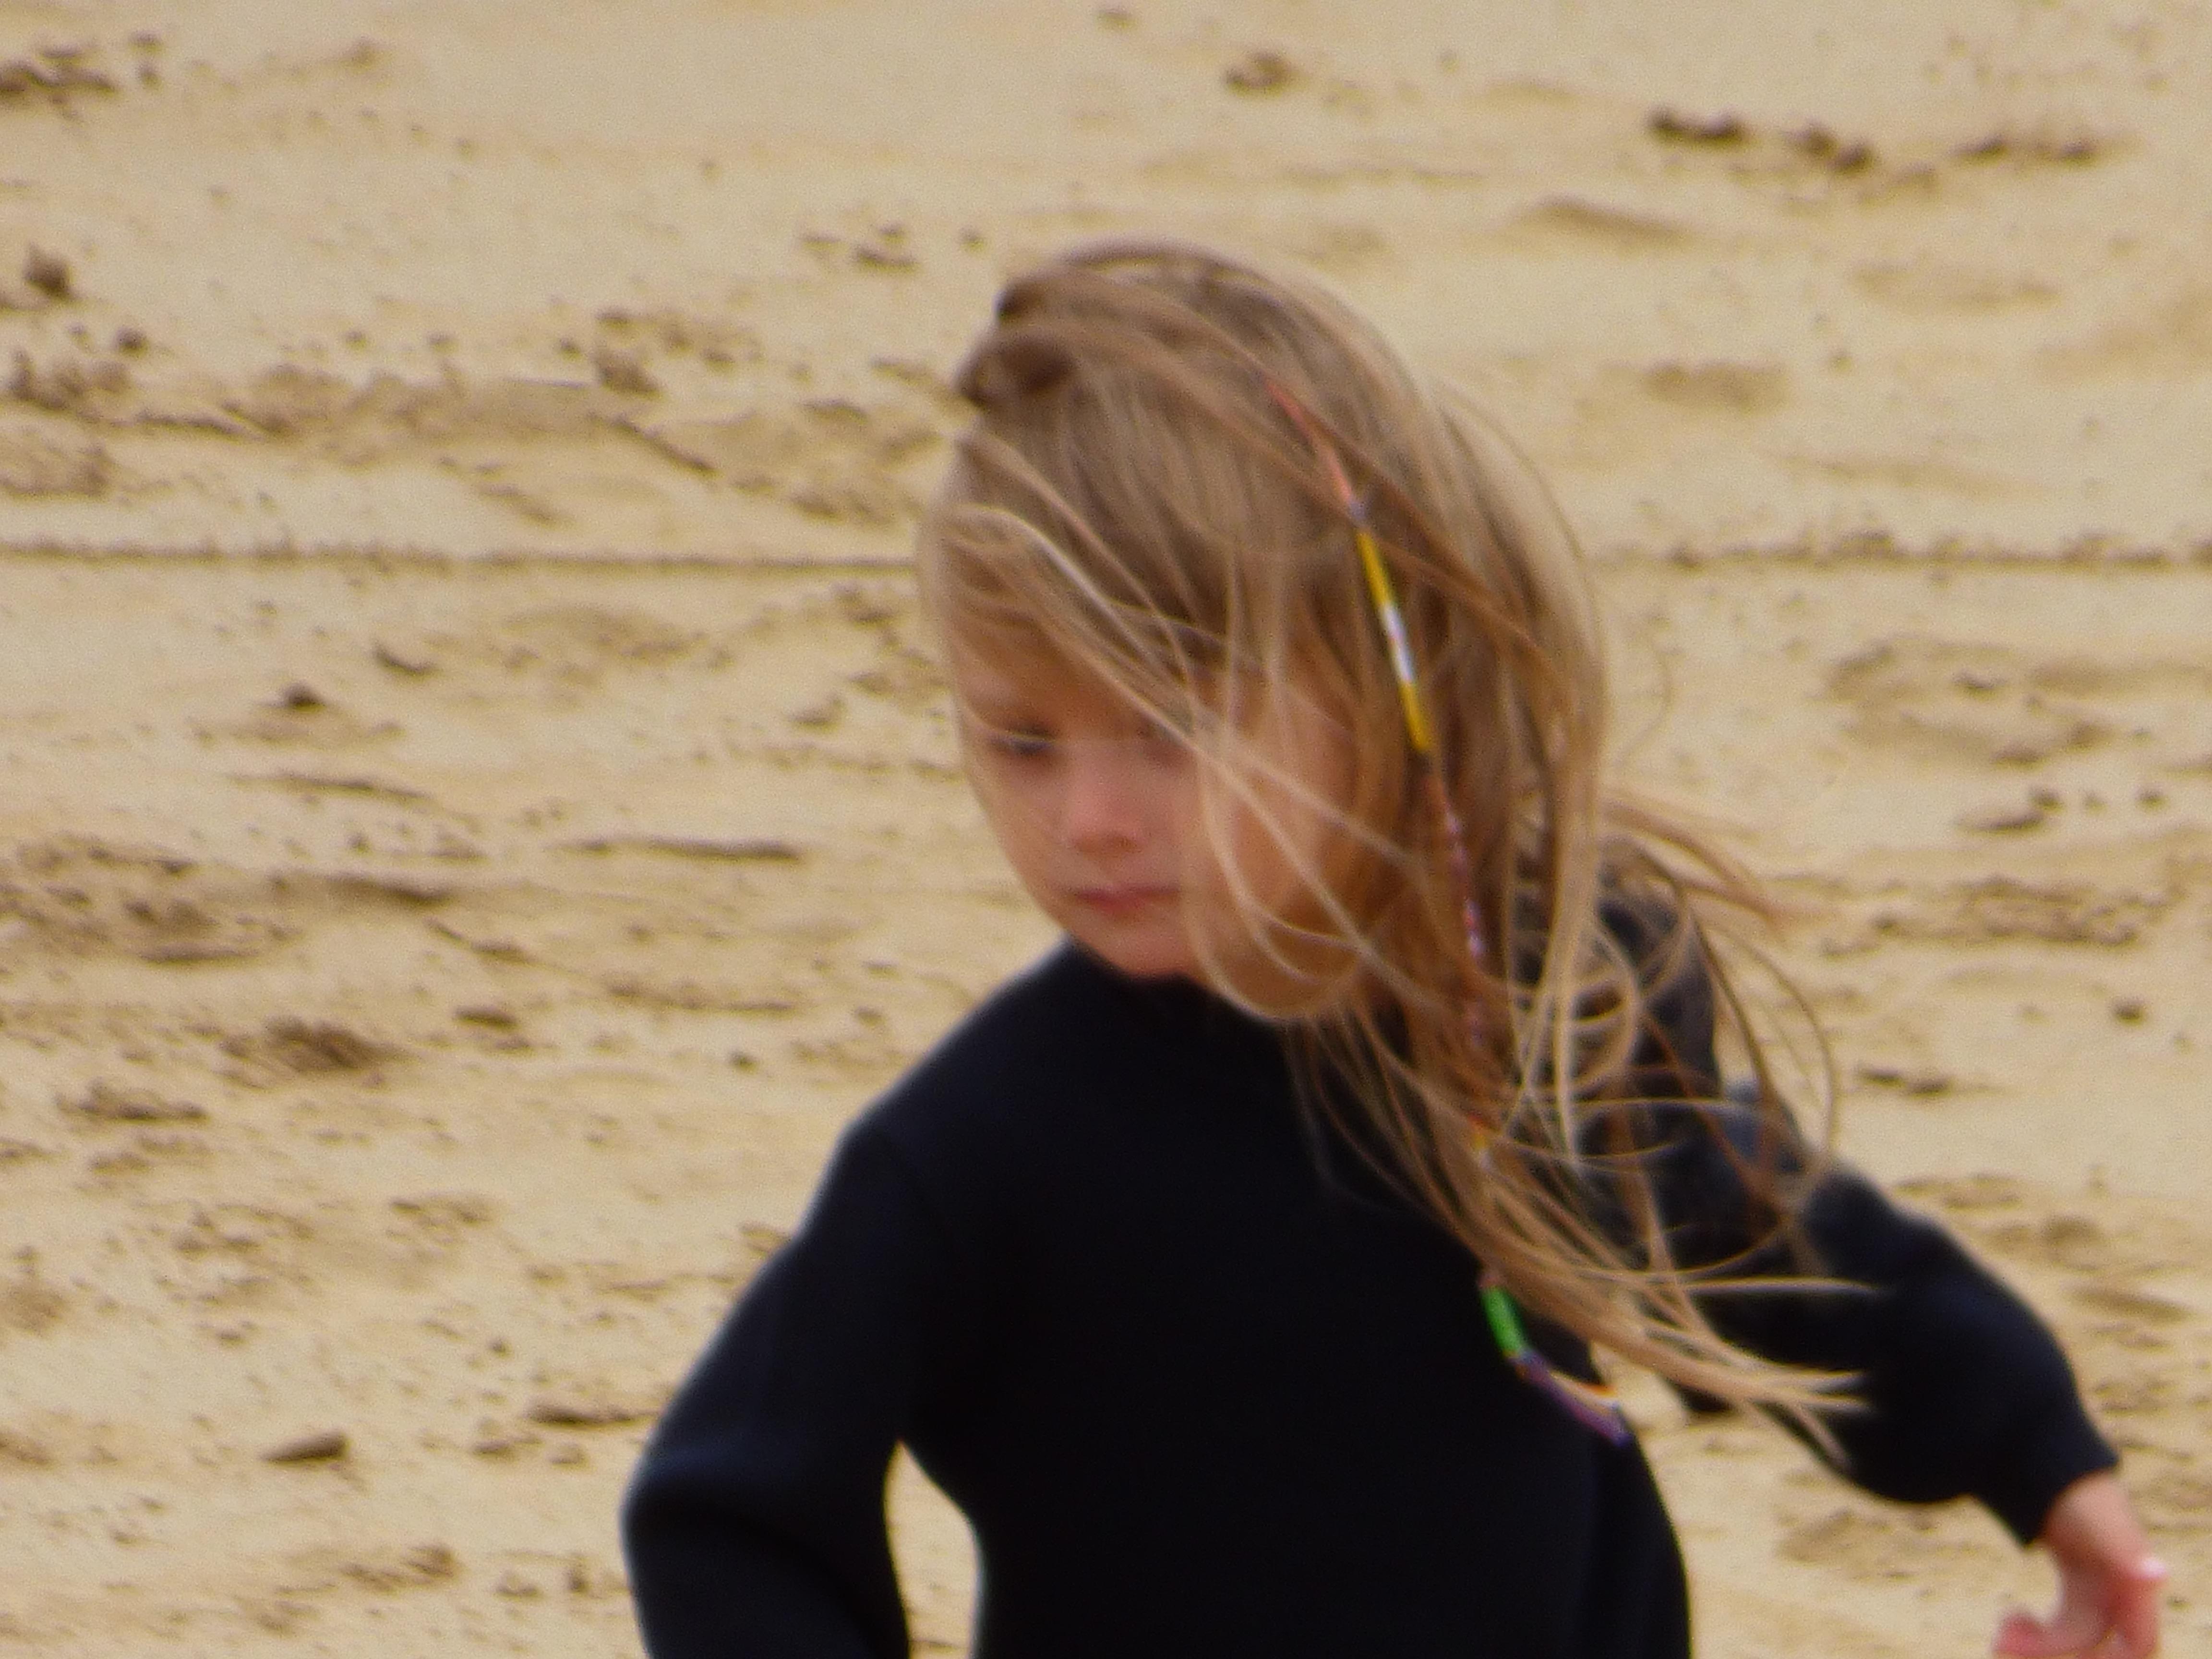 Sous le sable, un présent de son père ingénieur atomique, une ogive nucléaire pour petite Marie !